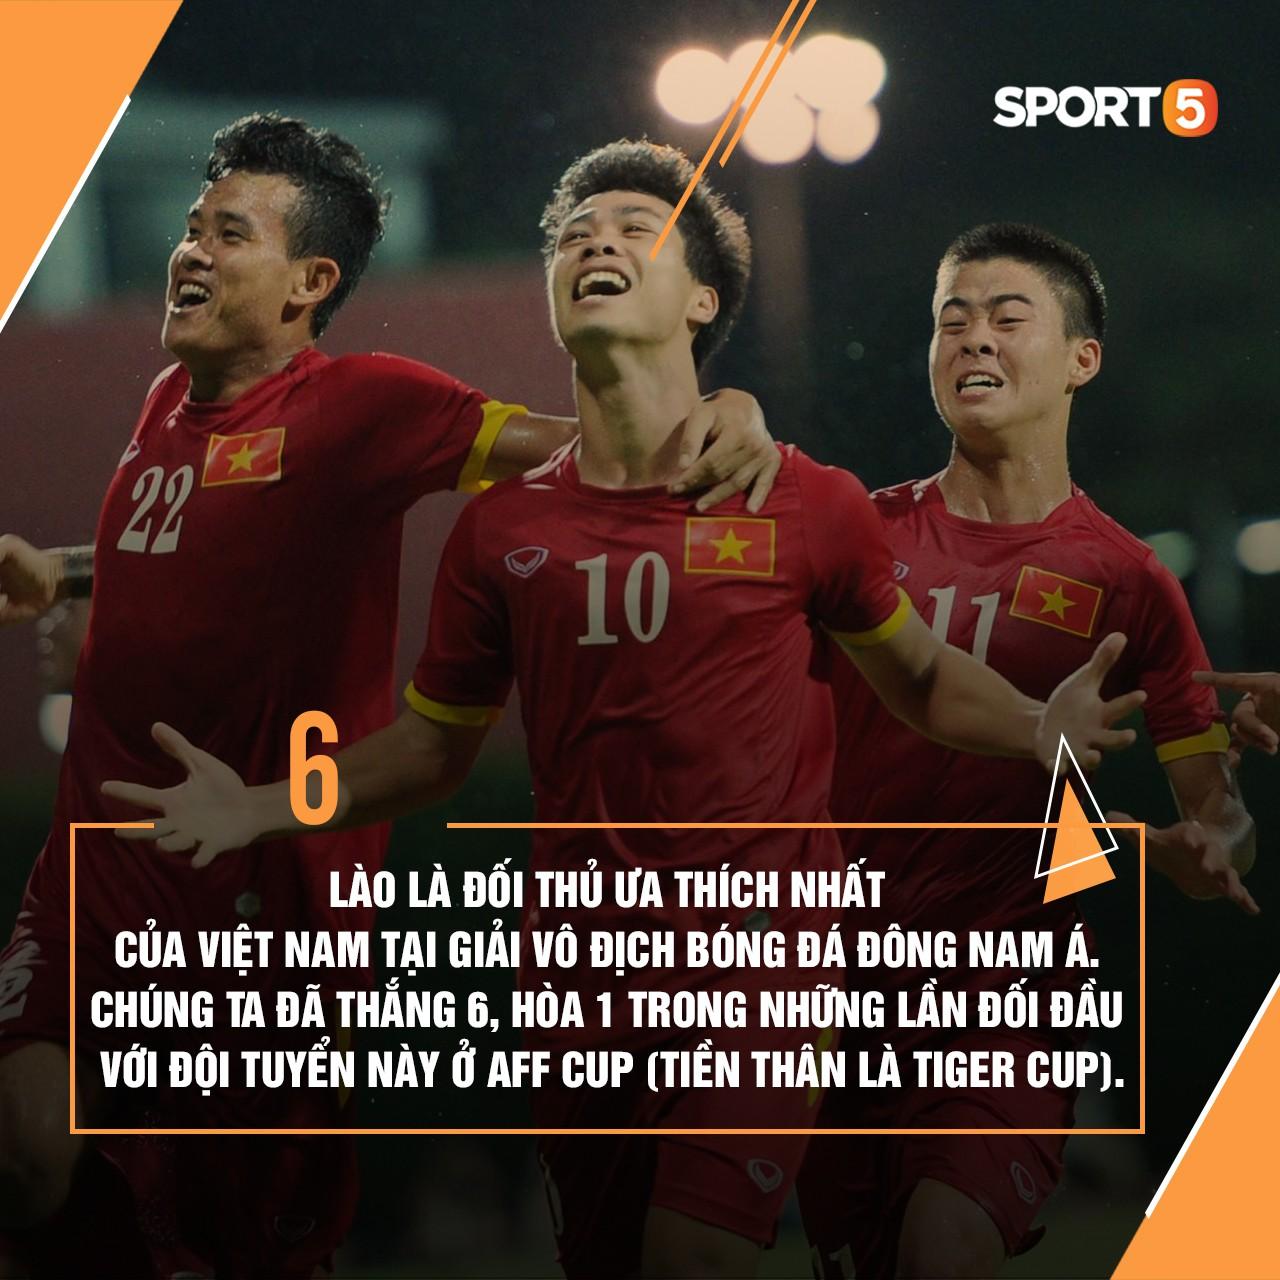 Những thống kê thú vị về tuyển Việt Nam ở AFF Cup - Ảnh 10.